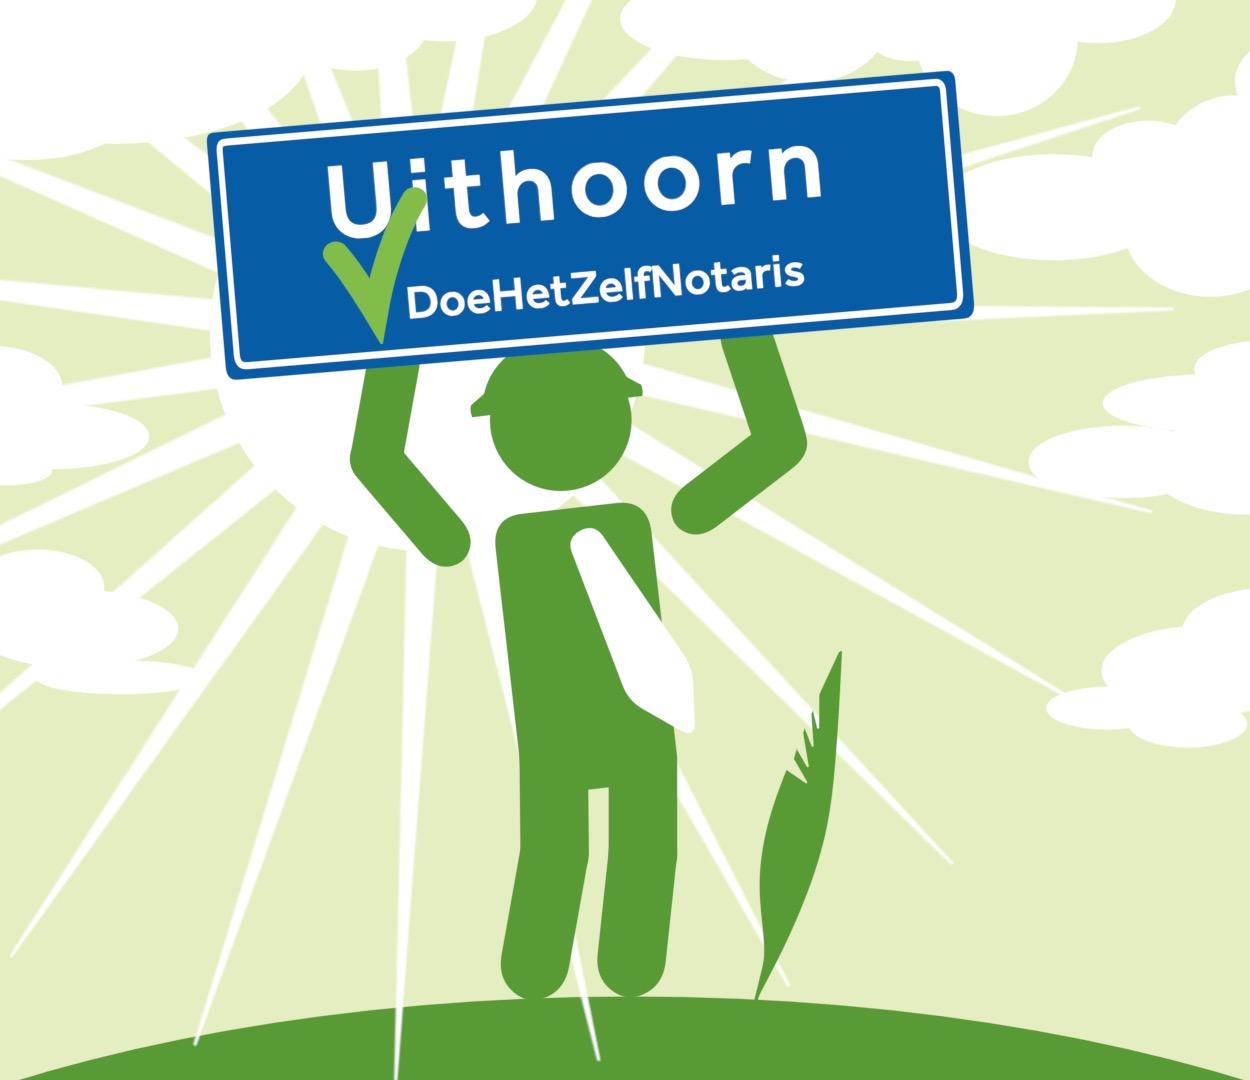 Notaris in UITHOORN